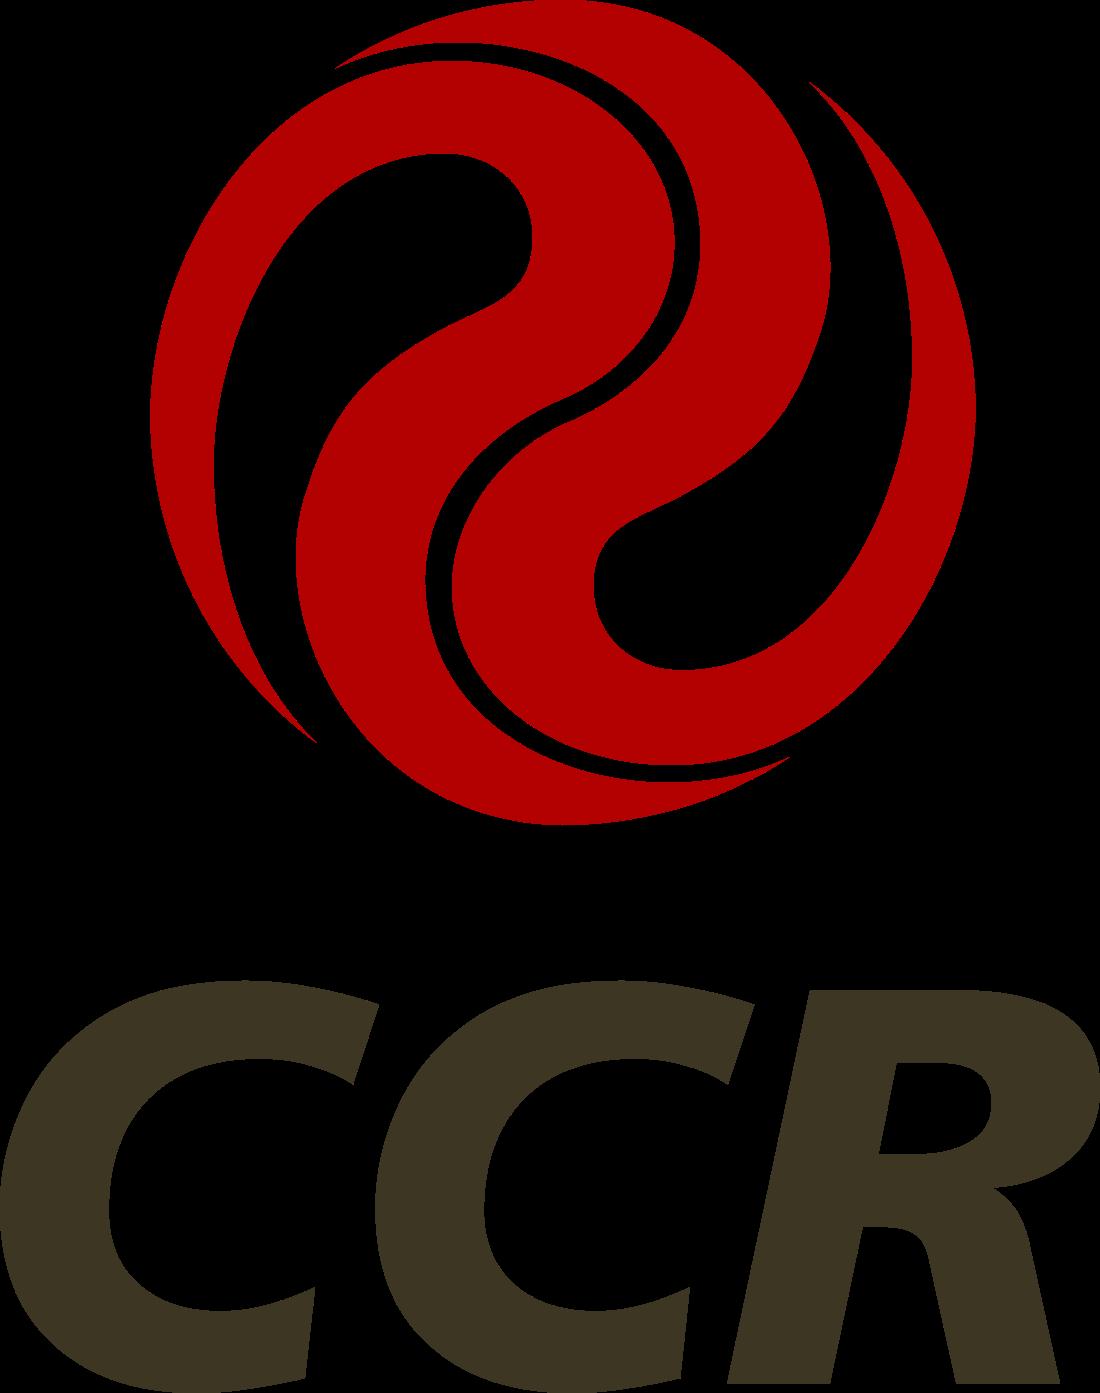 ccr logo 3 - CCR Logo